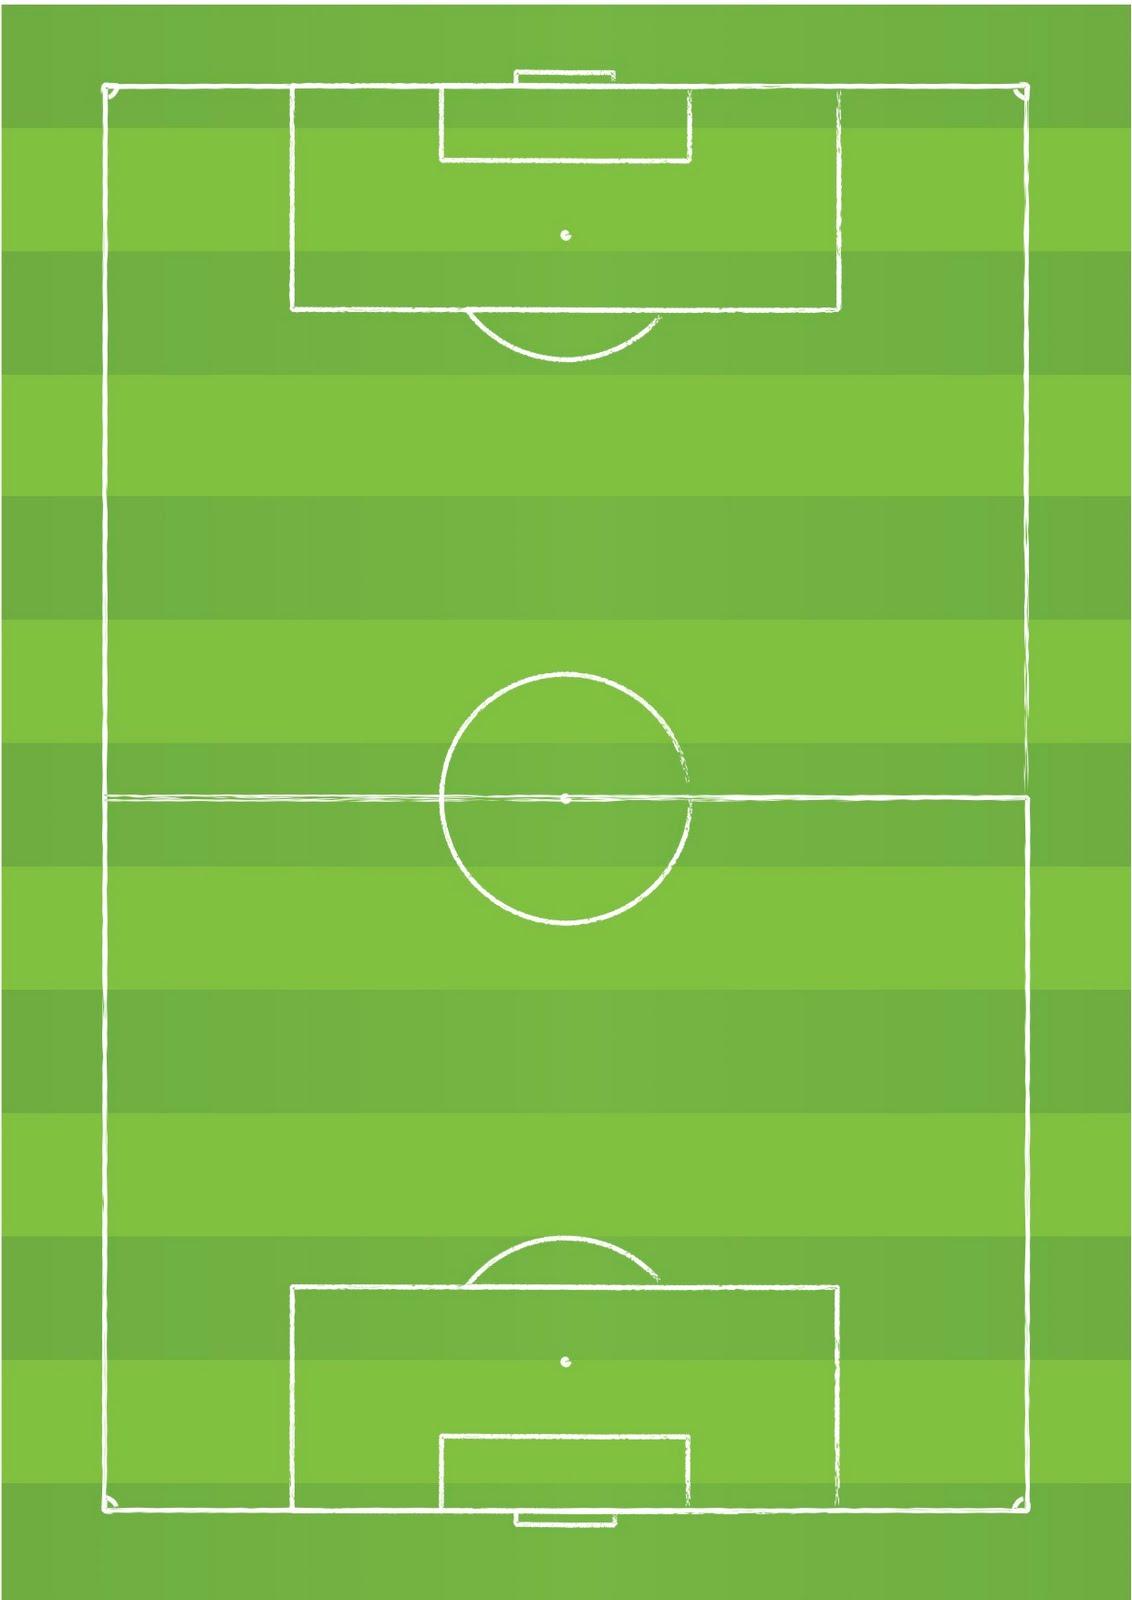 Euro 2016 Scoilnet